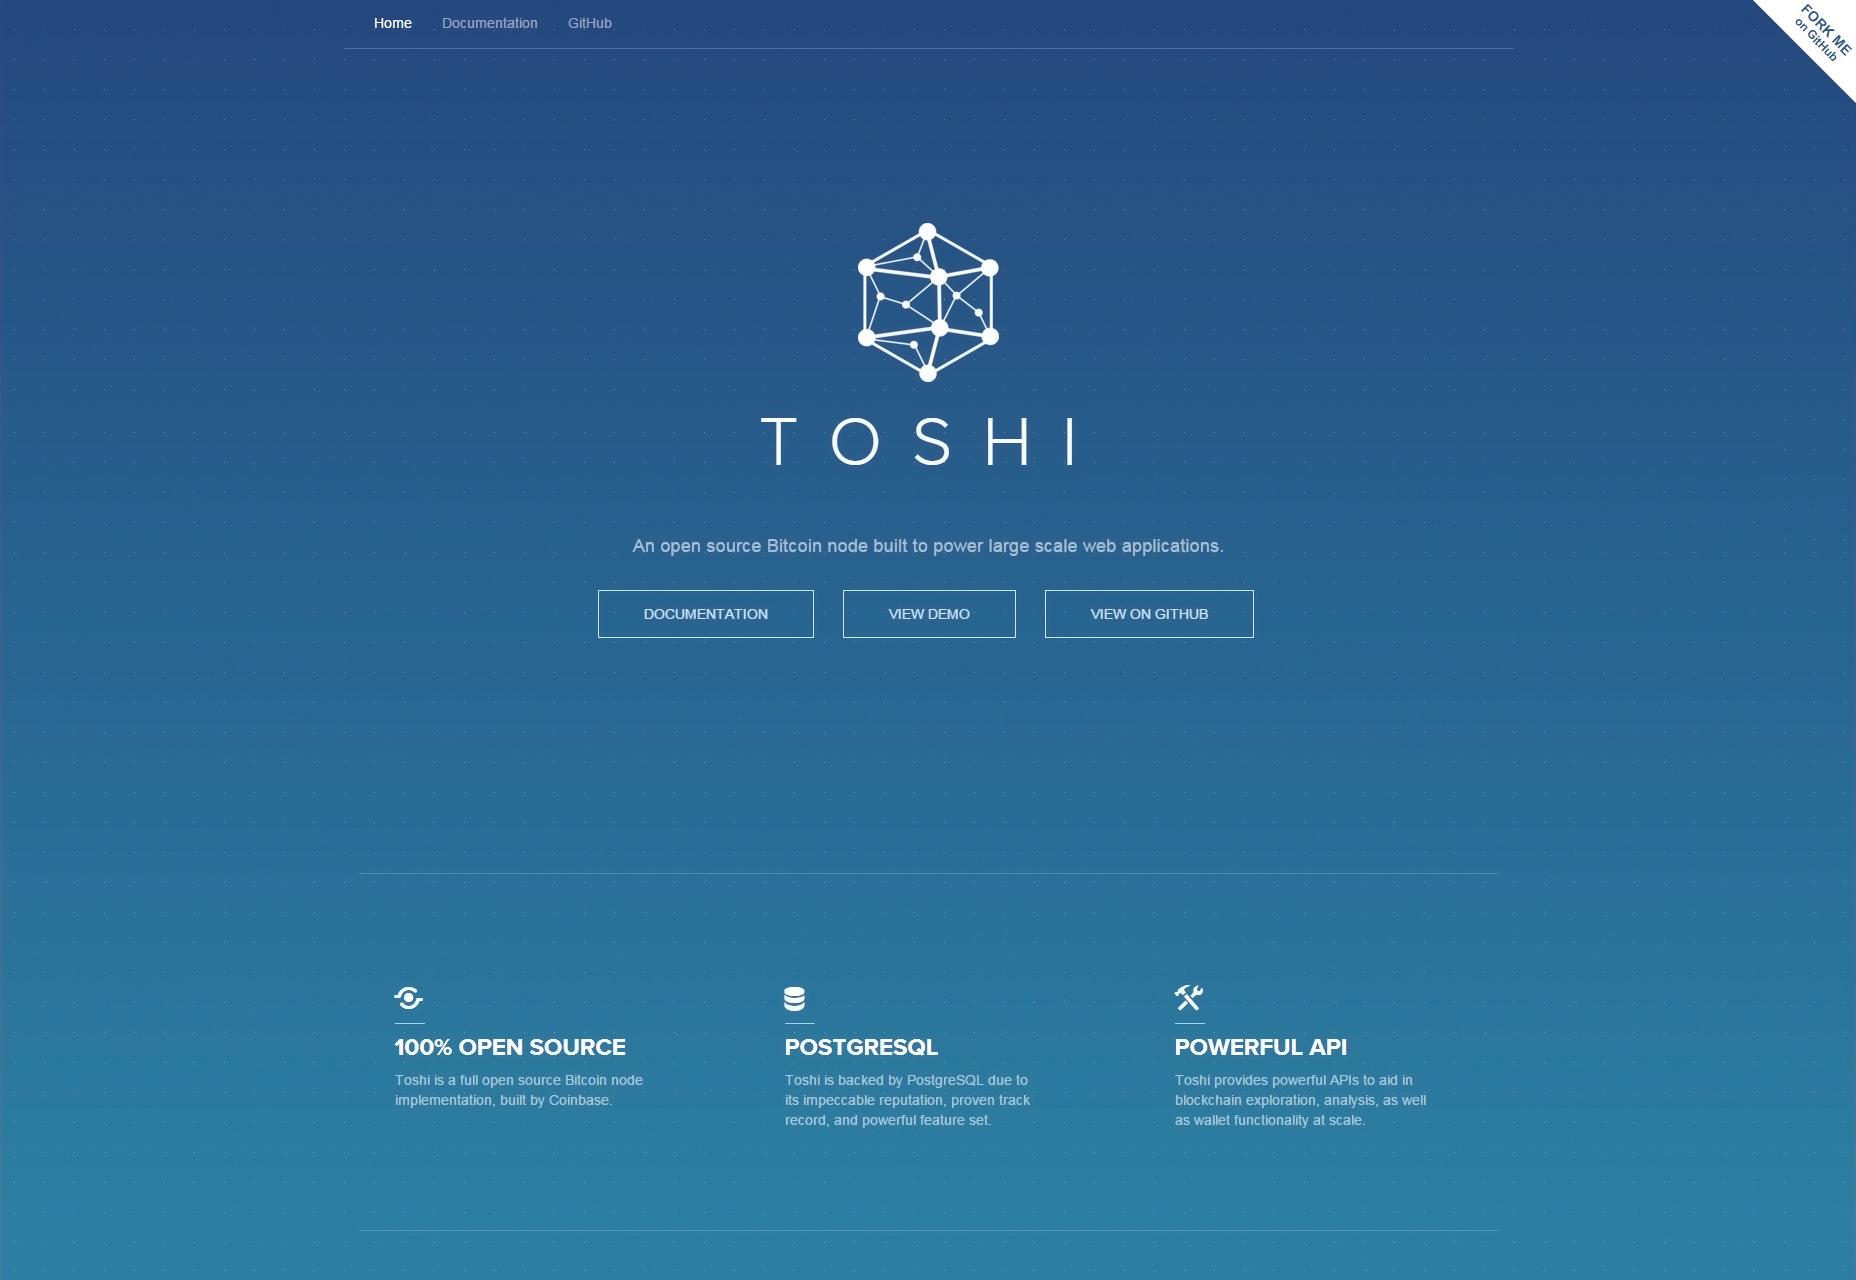 Toshi: Nodo de Bitcoin de código abierto